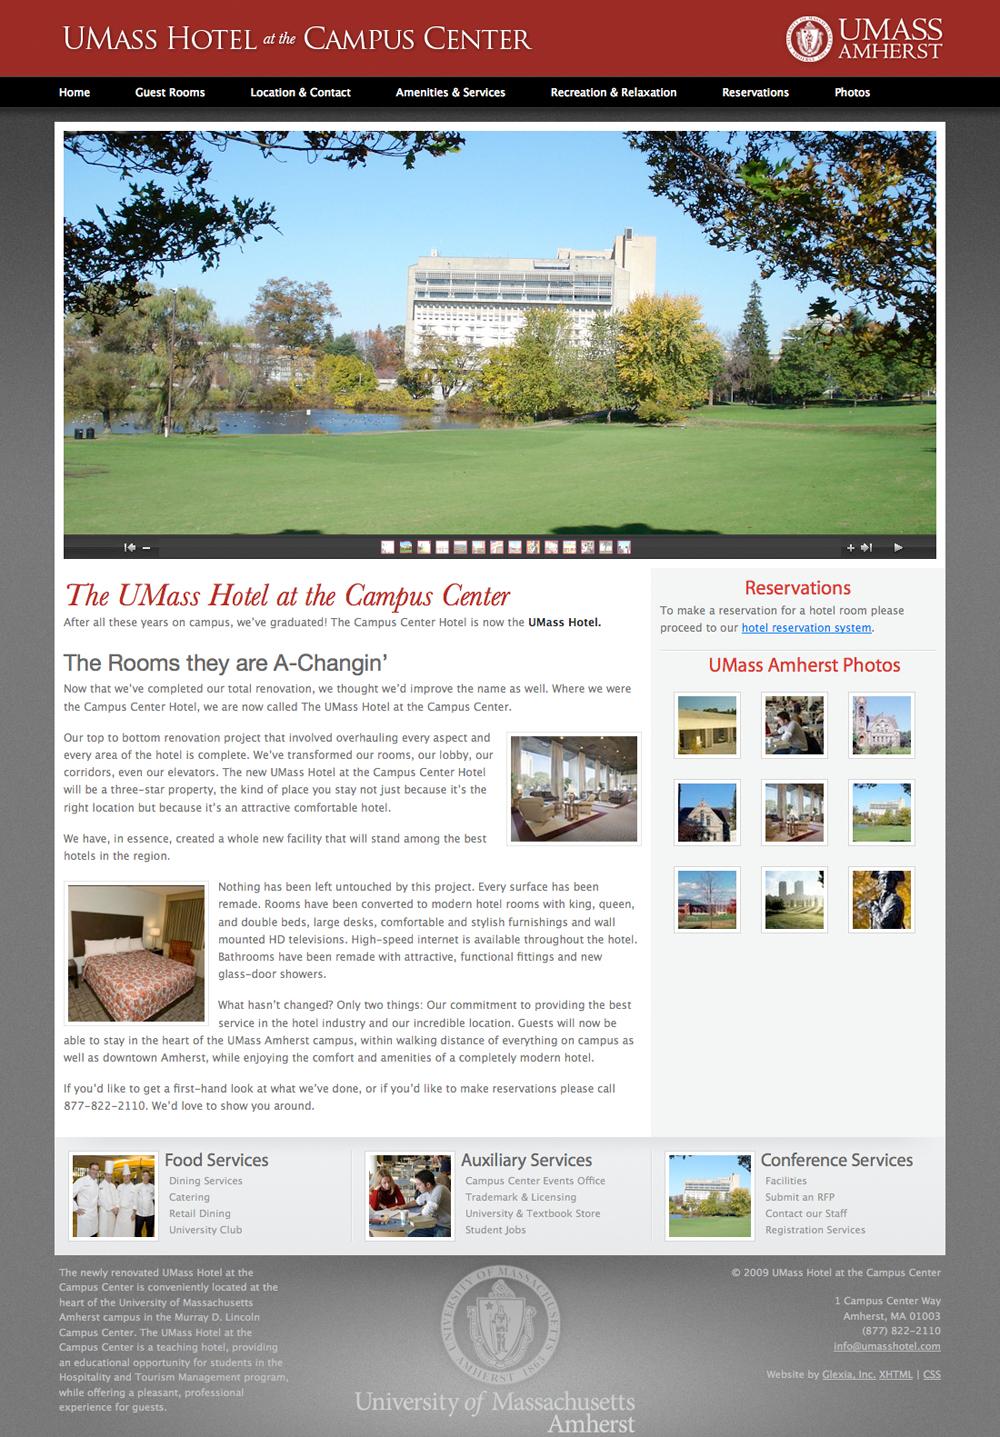 A screenshot of the UMass Hotel website.